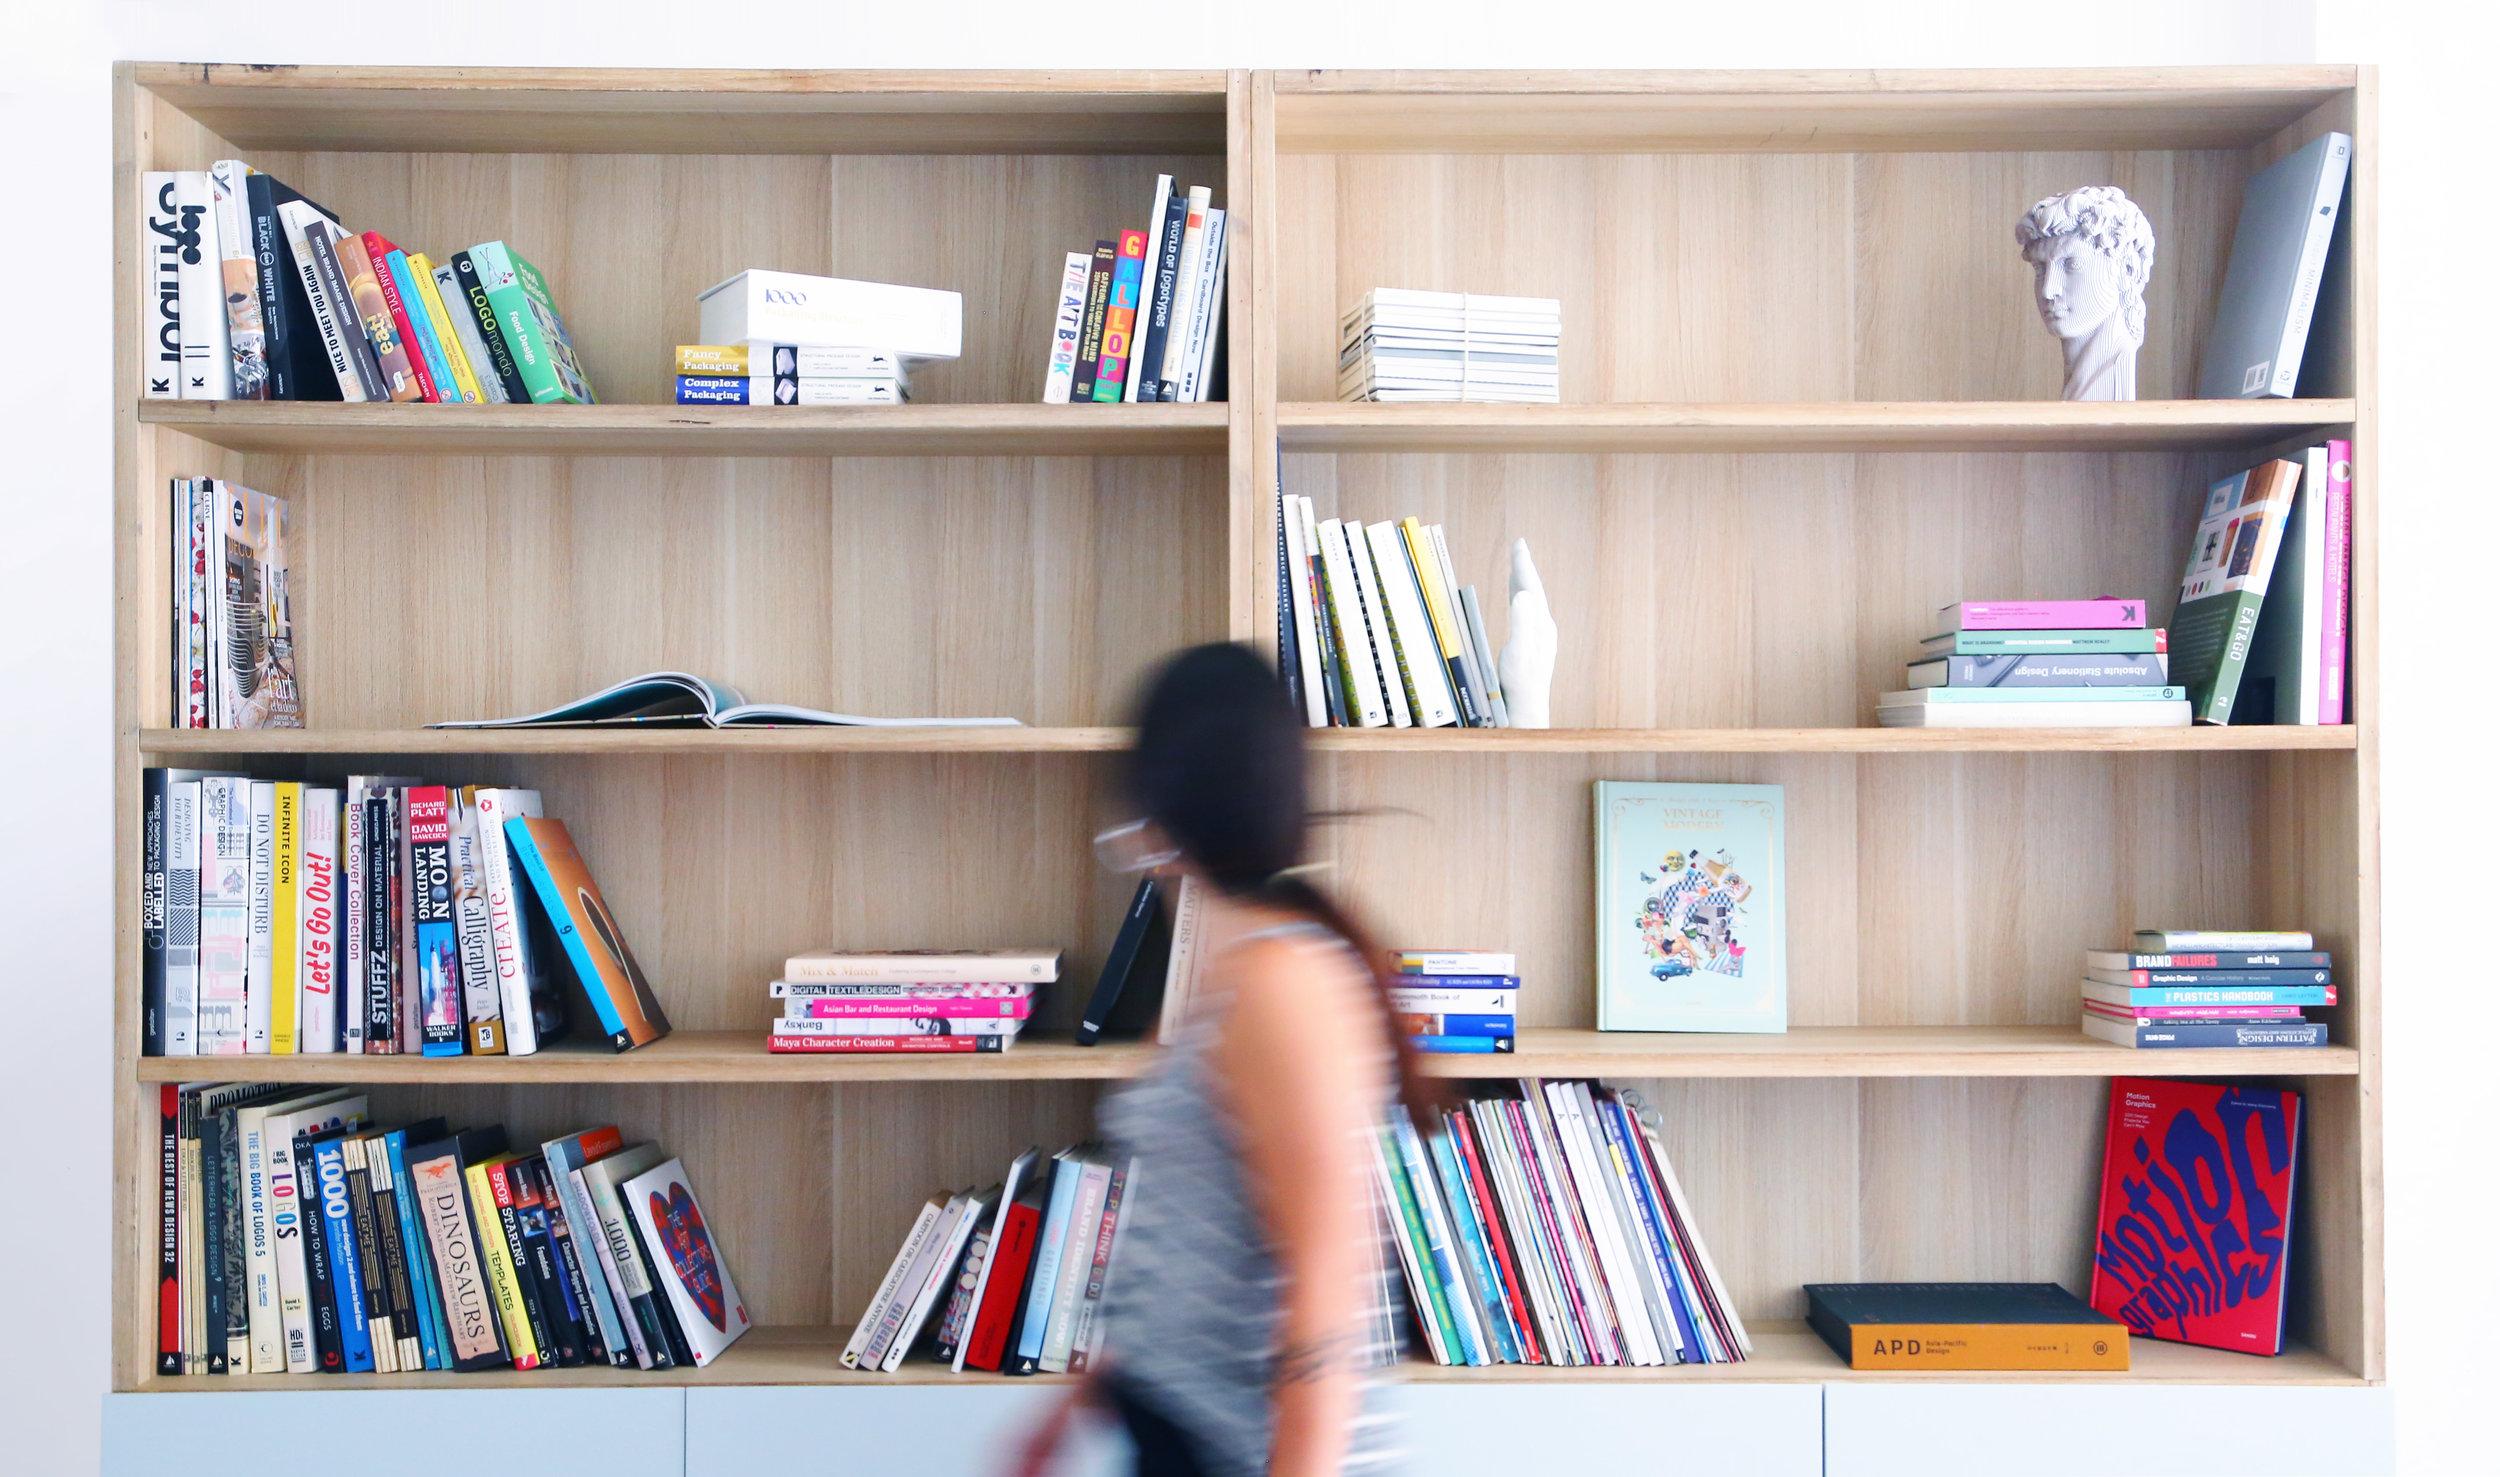 Branding-Agency-Design-Books-Graphics-Library-Office-Art